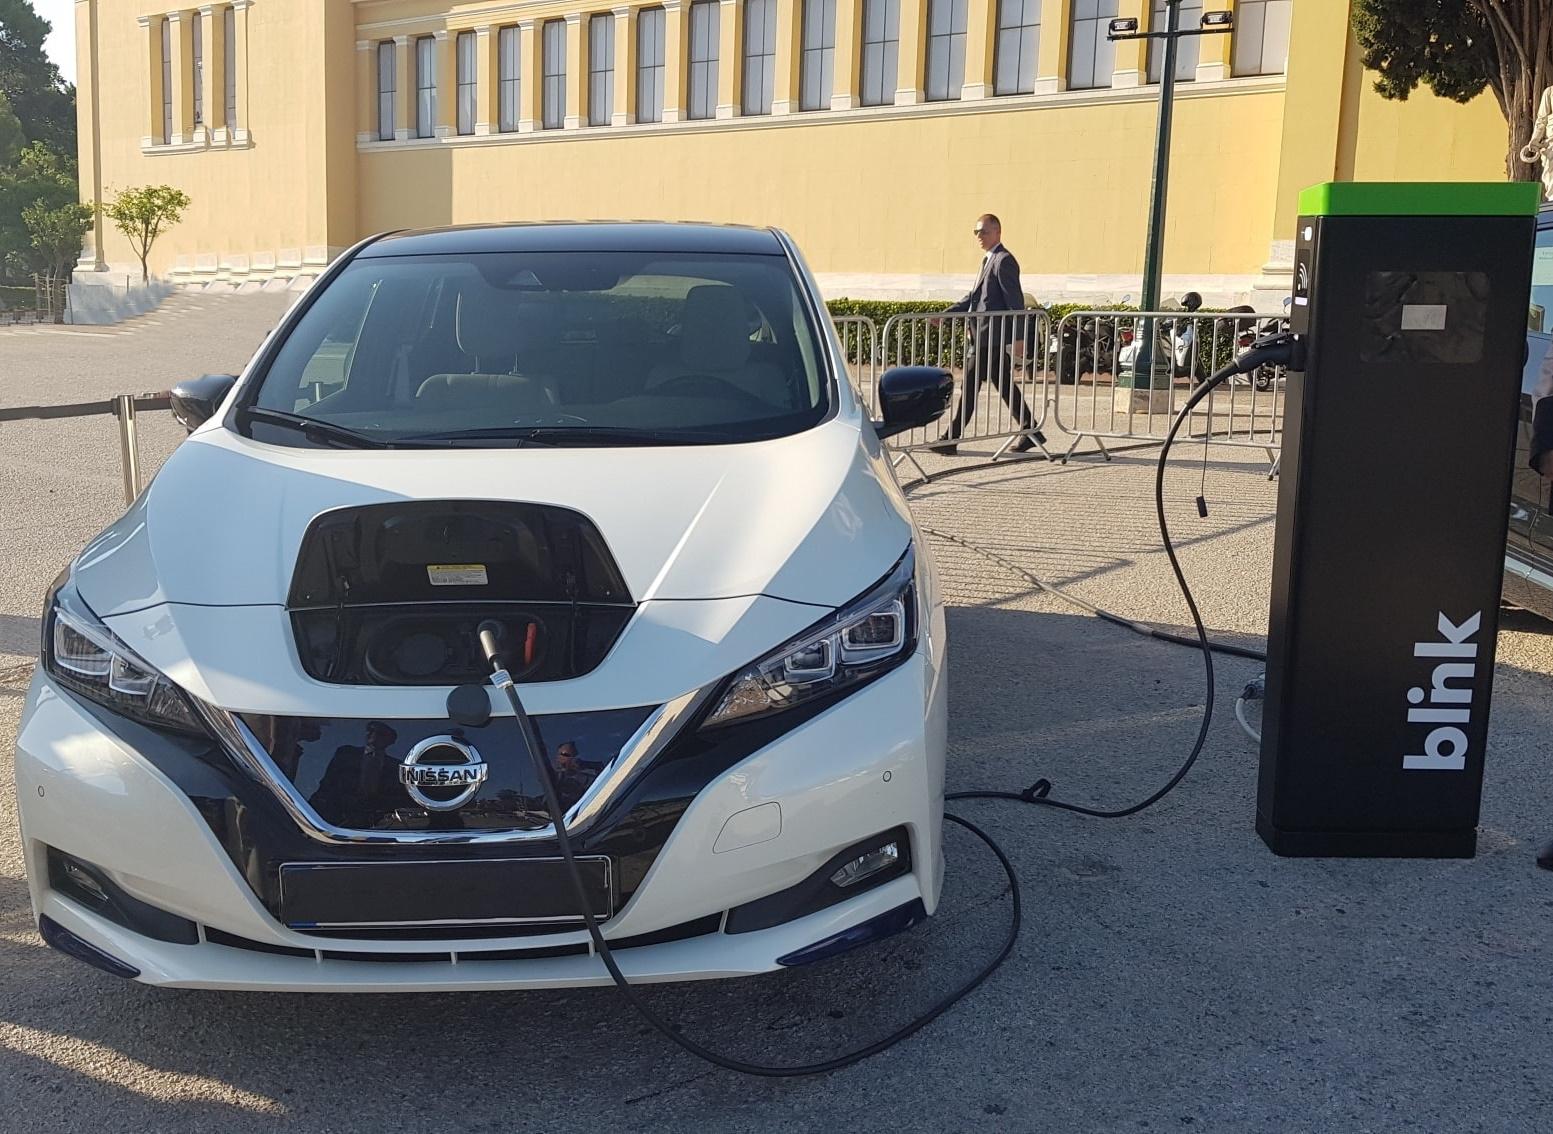 LEAF2BBLINK Στην... πρίζα μπαίνει η συνεργασία Nissan- Blink στην Ελλάδα